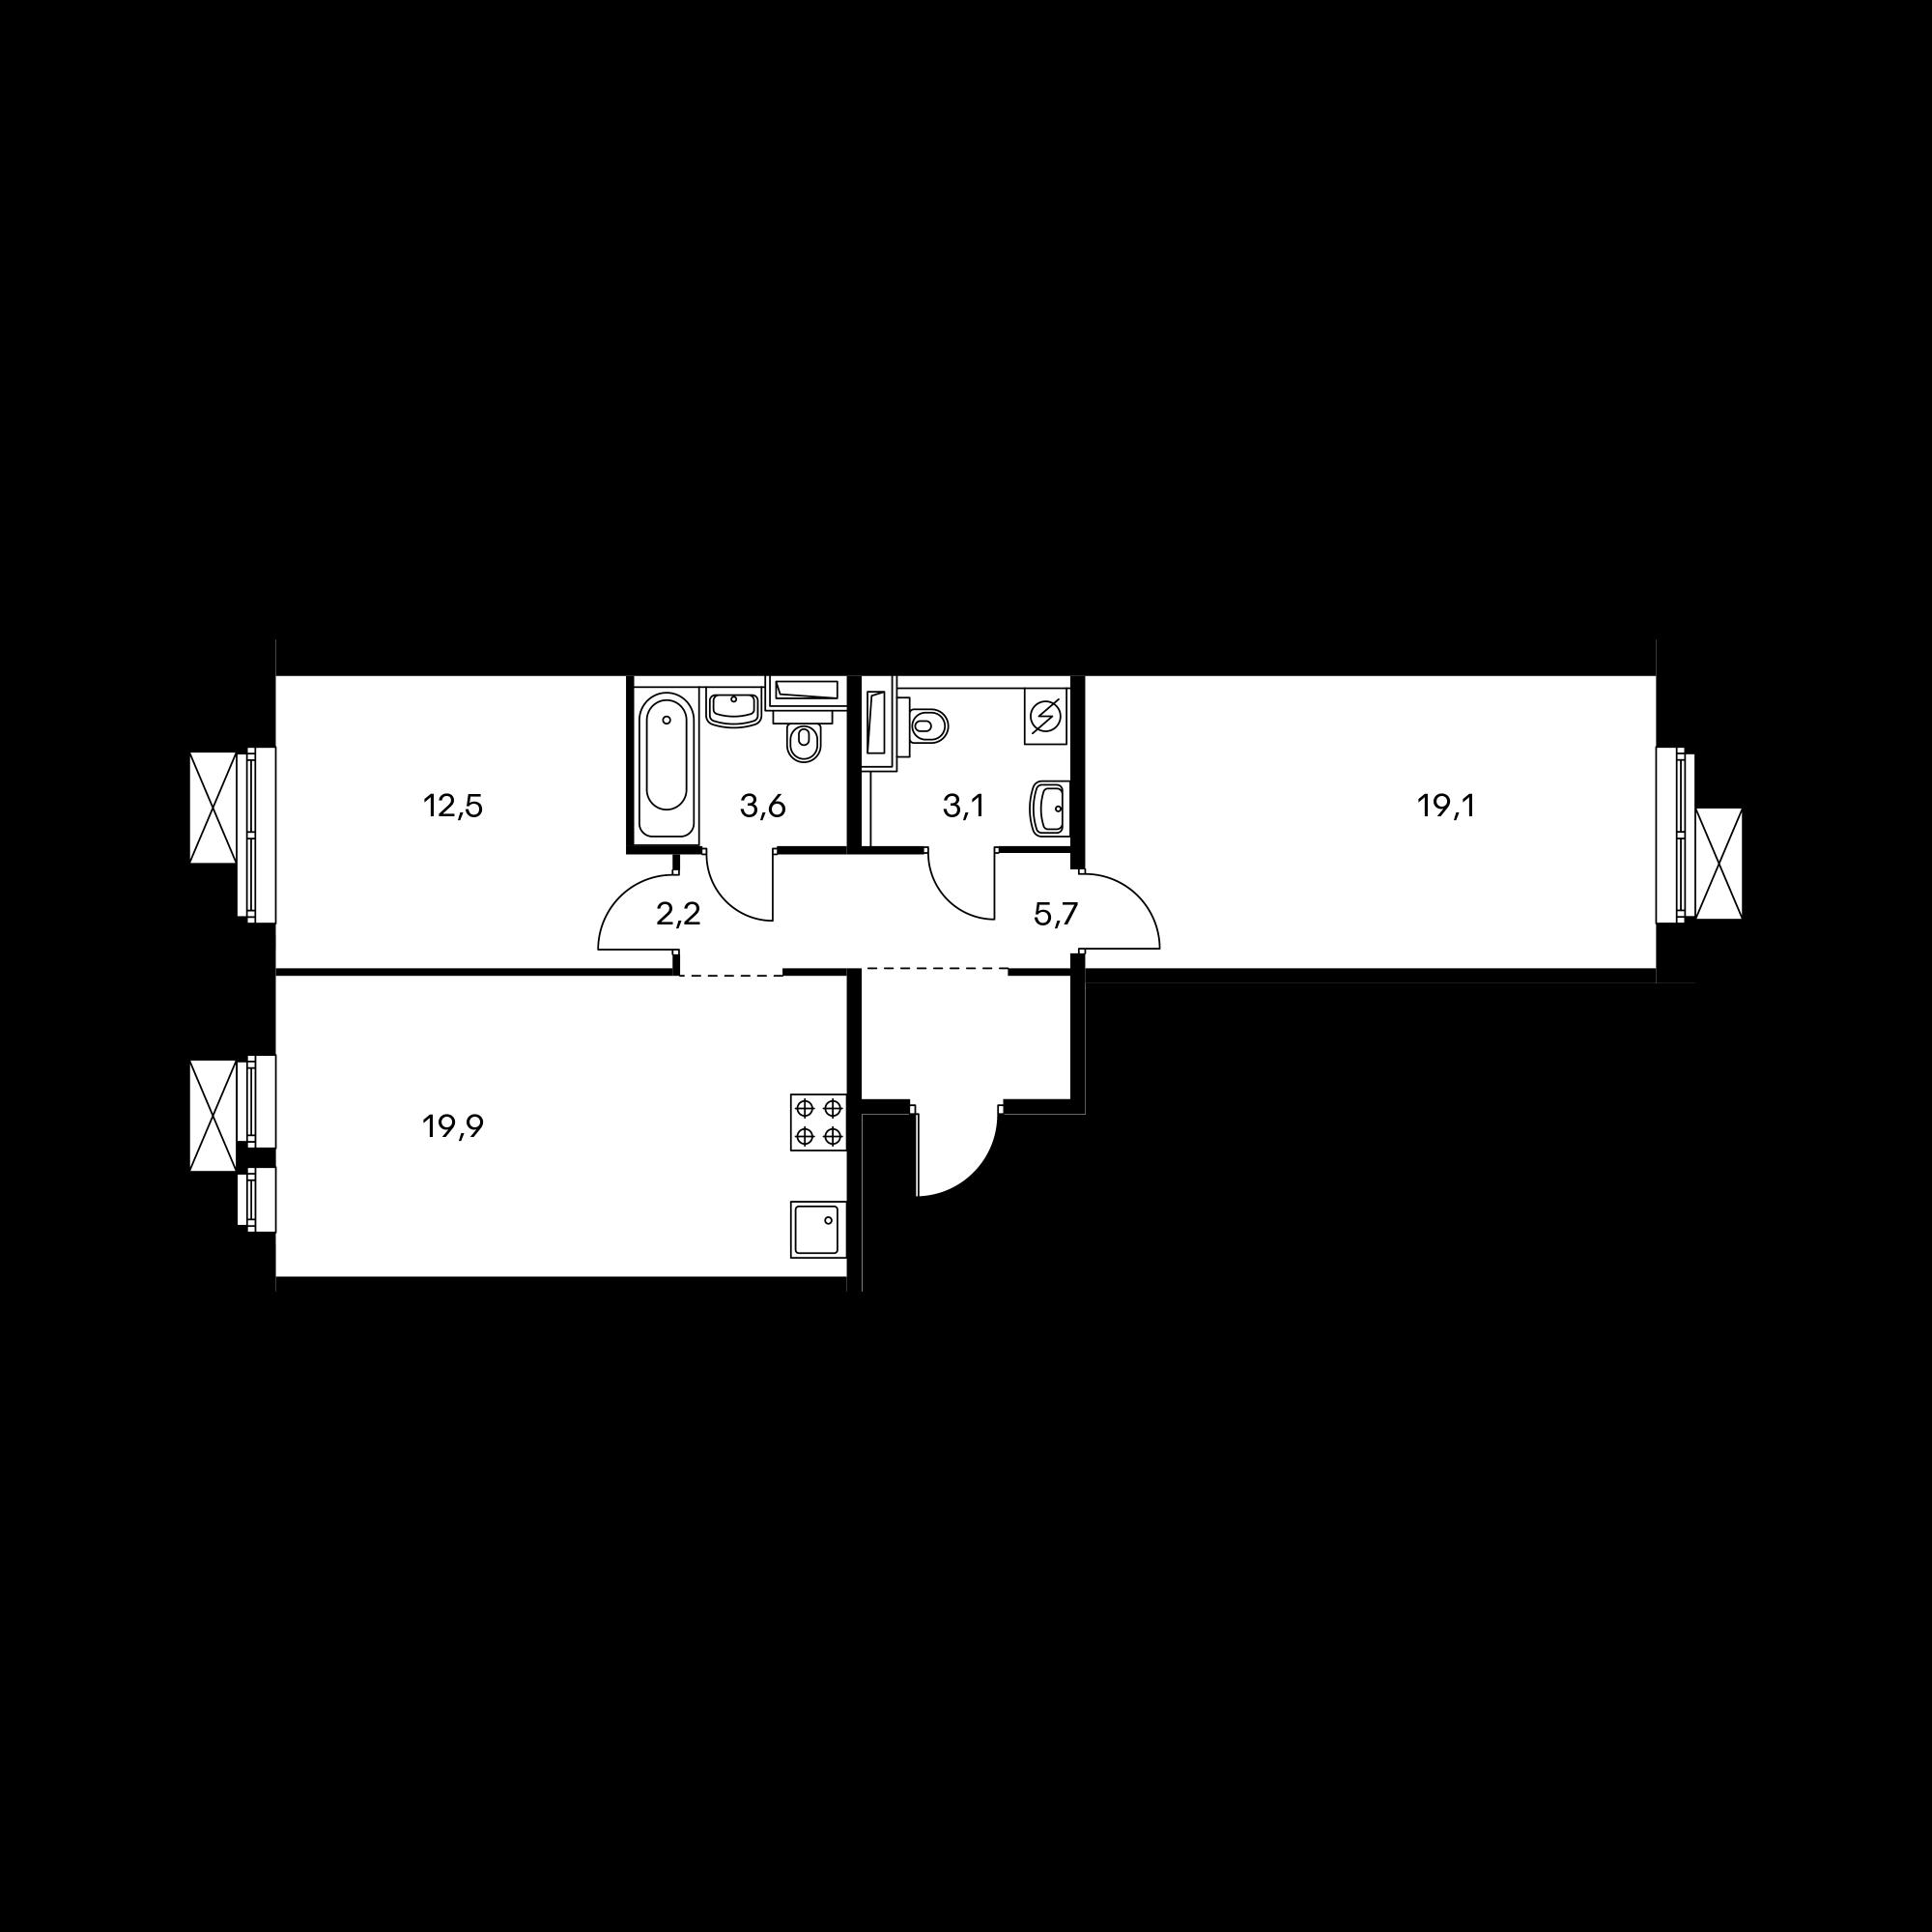 2EL3_6.9-2_S_Z